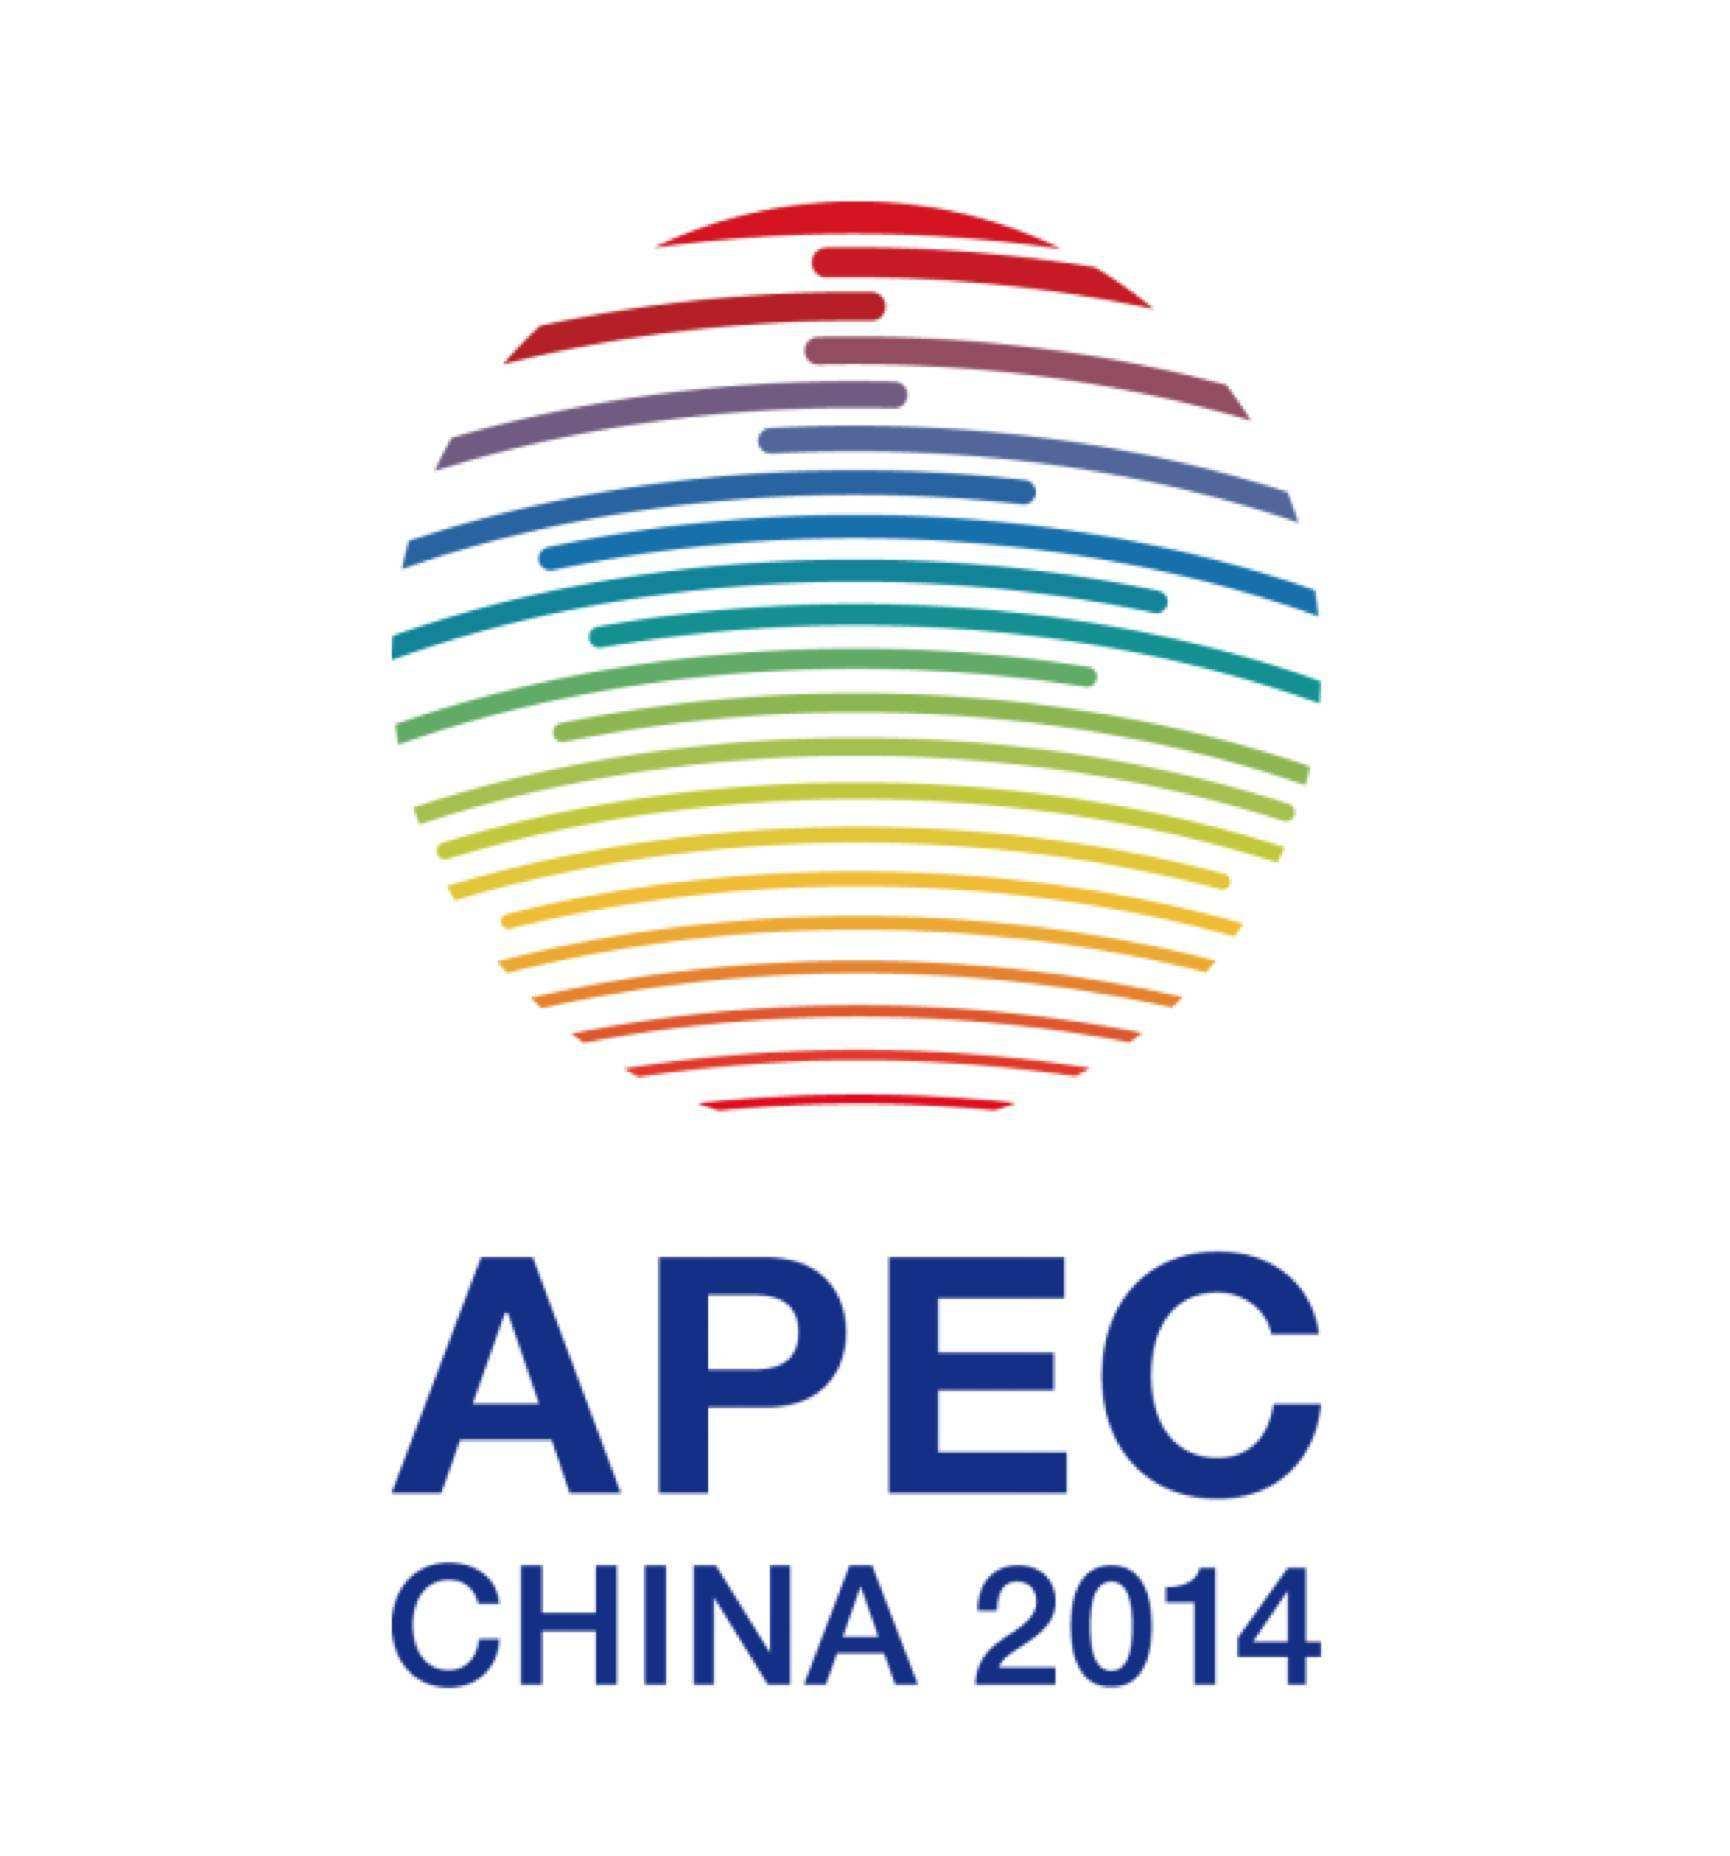 2014APEC中国日高峰论坛